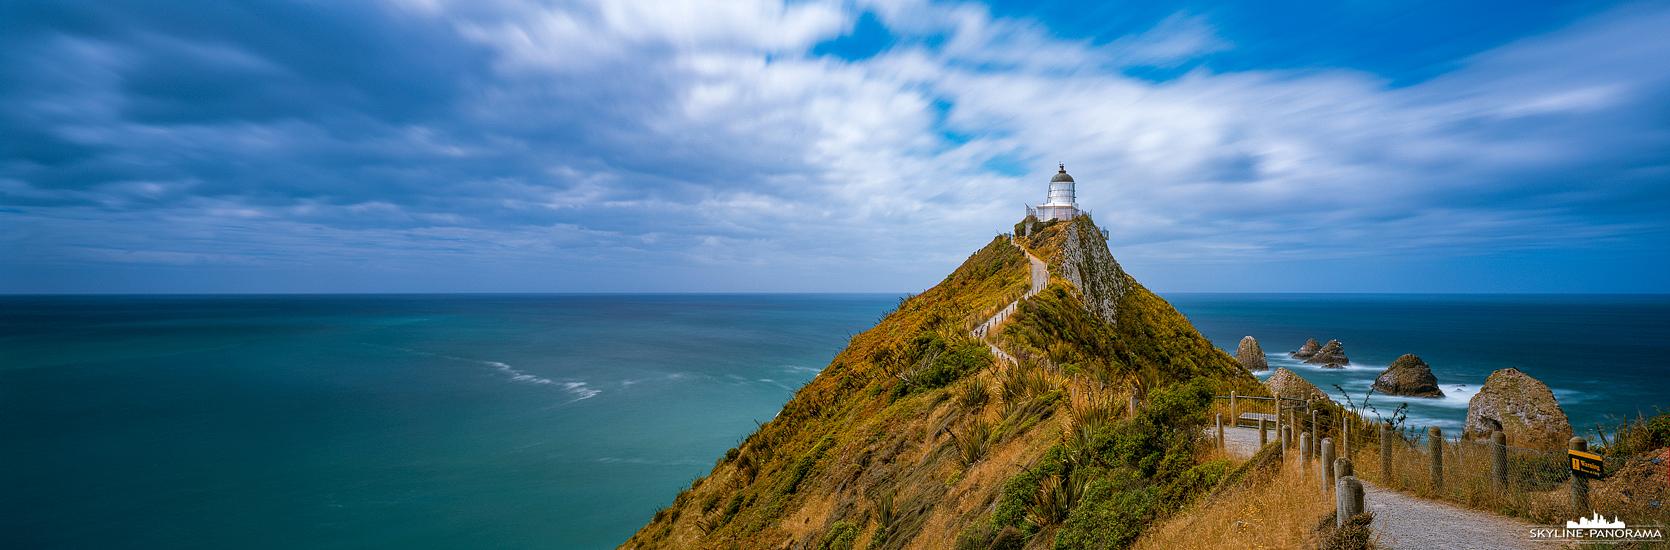 Südinsel Neuseeland - Ein lohnenswerter Abstecher, auf dem Weg von Dunedin zum Lake Te Anau, war der Leuchtturm am Nugget Point in der Region Otago auf der Südinsel von Neuseeland. Zum Leuchtturm führt, vom Parklatz aus, ein ca. 1km langer Weg, den man gut für eine kleine Wanderung nutzen kann. Dieses Panorama ist eine Langzeitbelichtung im Format 6x17. Durch die Verwendung eines ND Filters kann man die Belichtungszeit um ein Vielfaches verlängern, wodurch beispielsweise die Bewegung der ziehenden Wolken sichtbar wird. Das man dies in nur einer Aufnahme festhalten kann, ist der große Vorteil einer echten Panoramakamera.